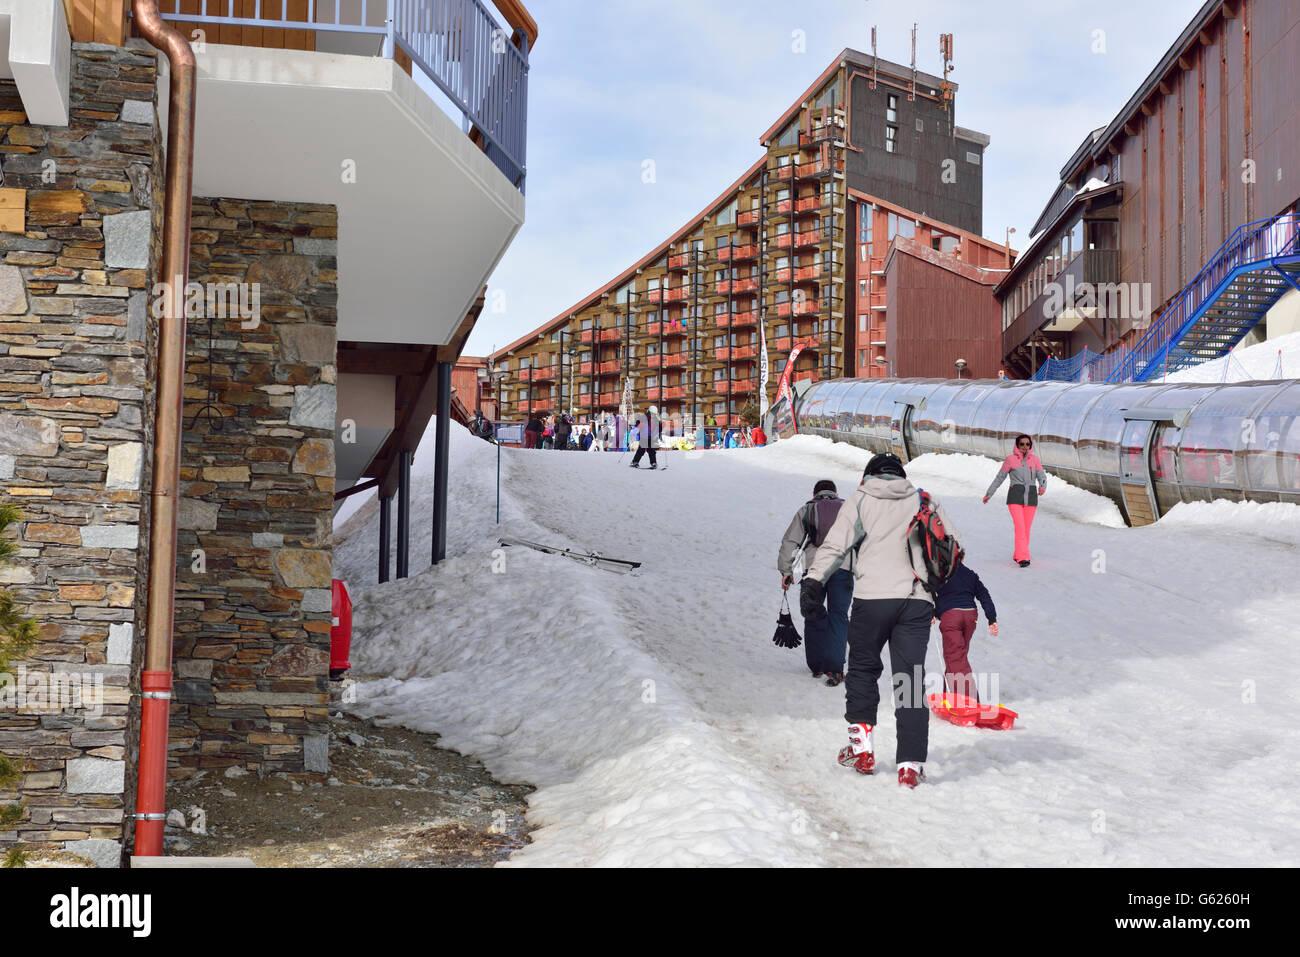 Ski resort novizio pendenza, Paradiski, Arc2000, Rhône-Alpes, in Francia Immagini Stock